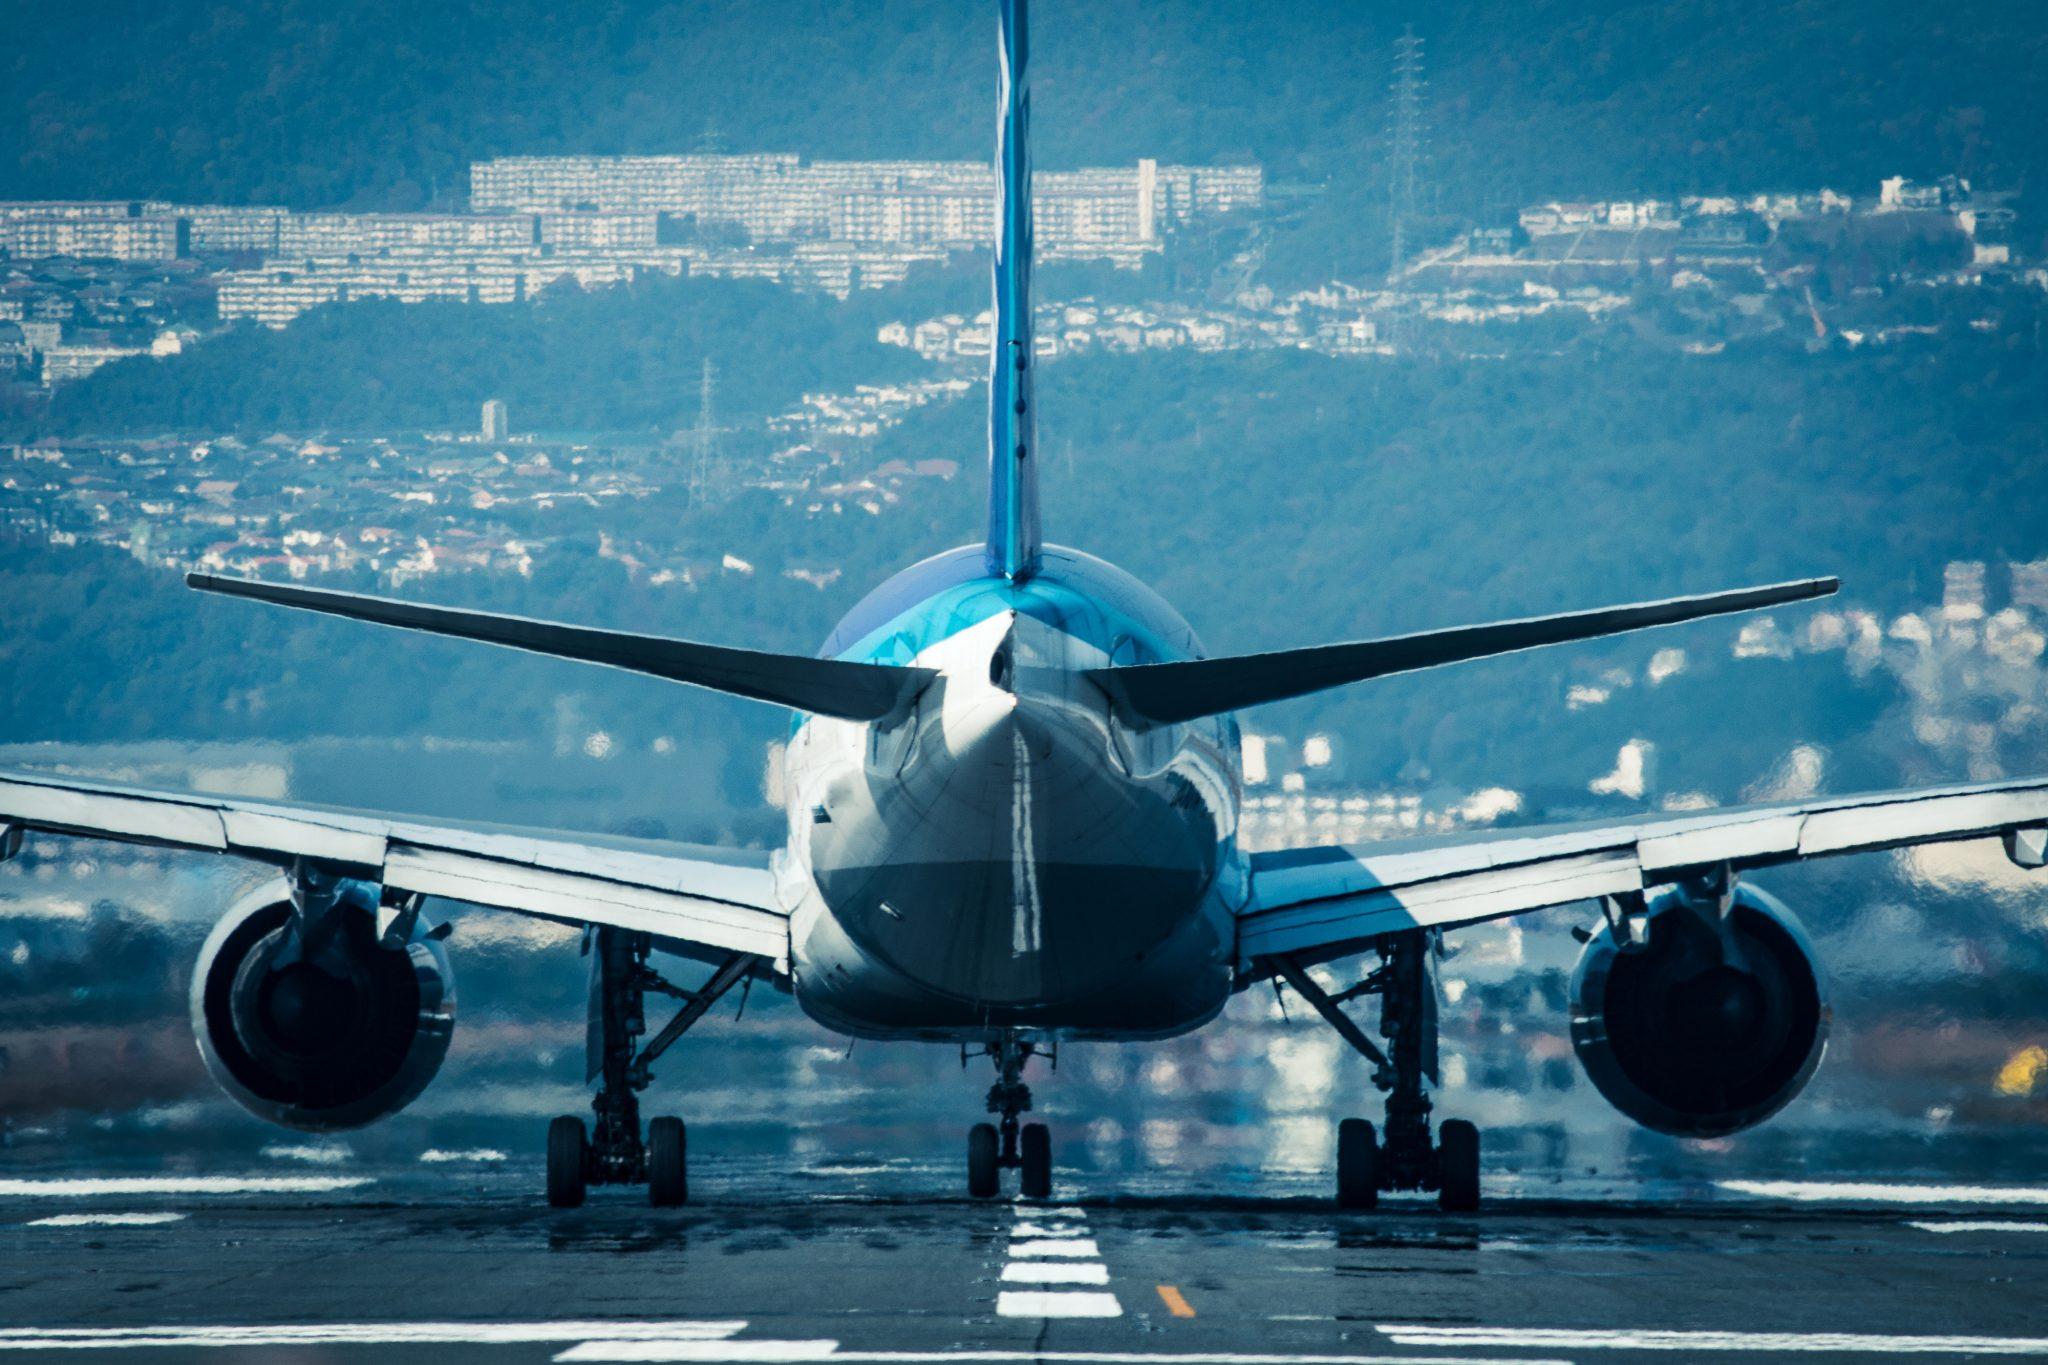 空の日2020年空港イベント・フェスティバル一覧。 - 気になる話題 ...